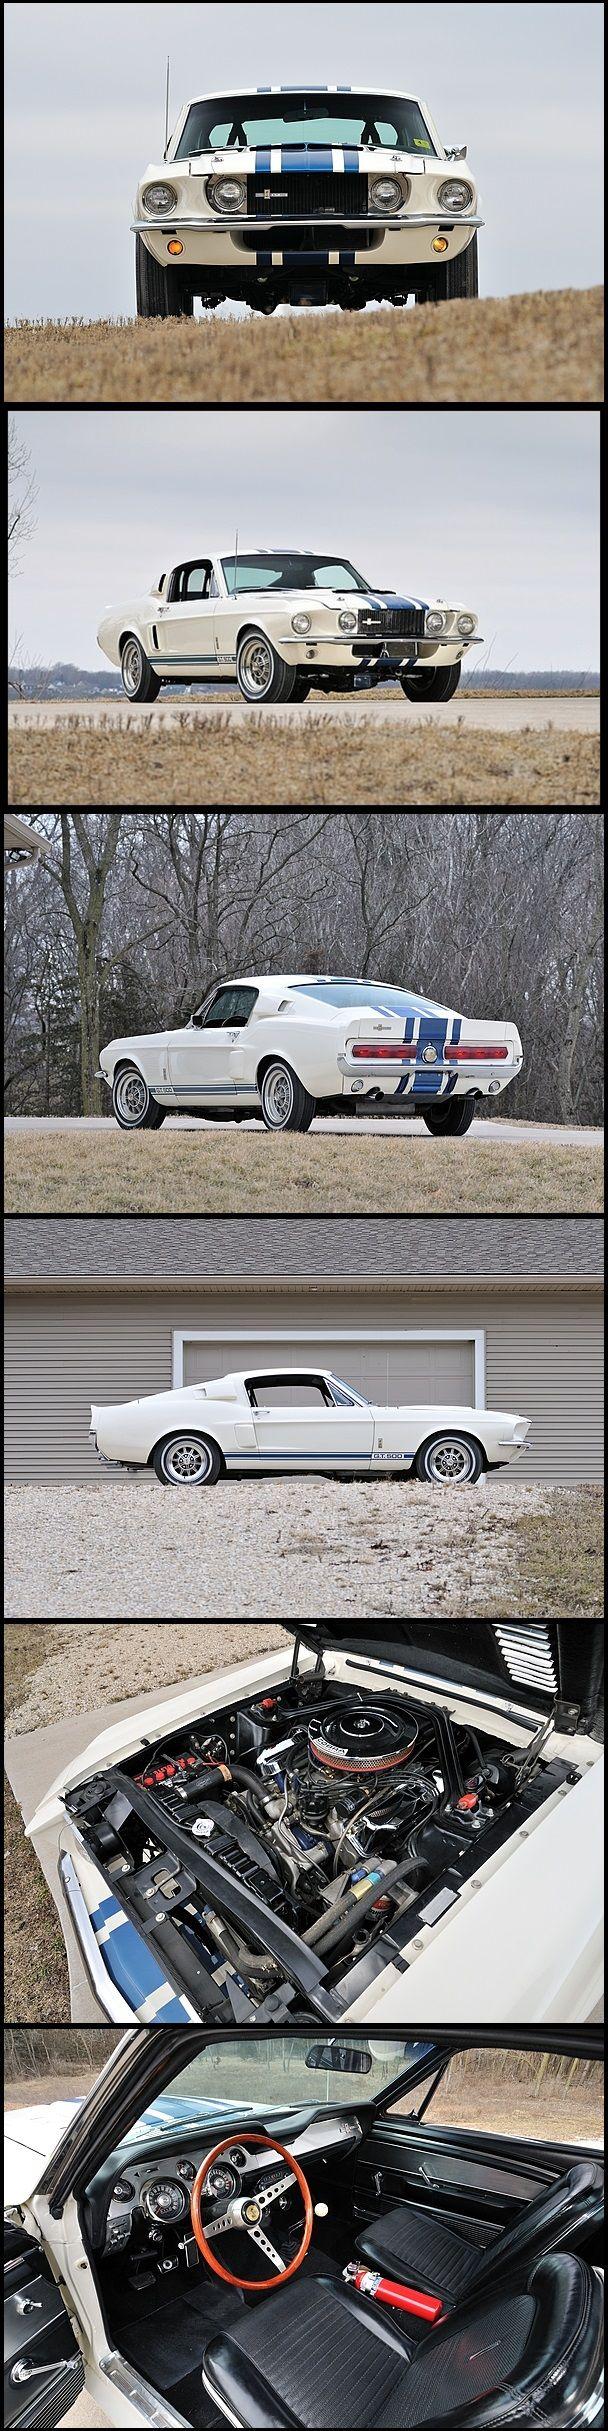 1967 Shelby GT500 Super Snake ~chicagobrunette~